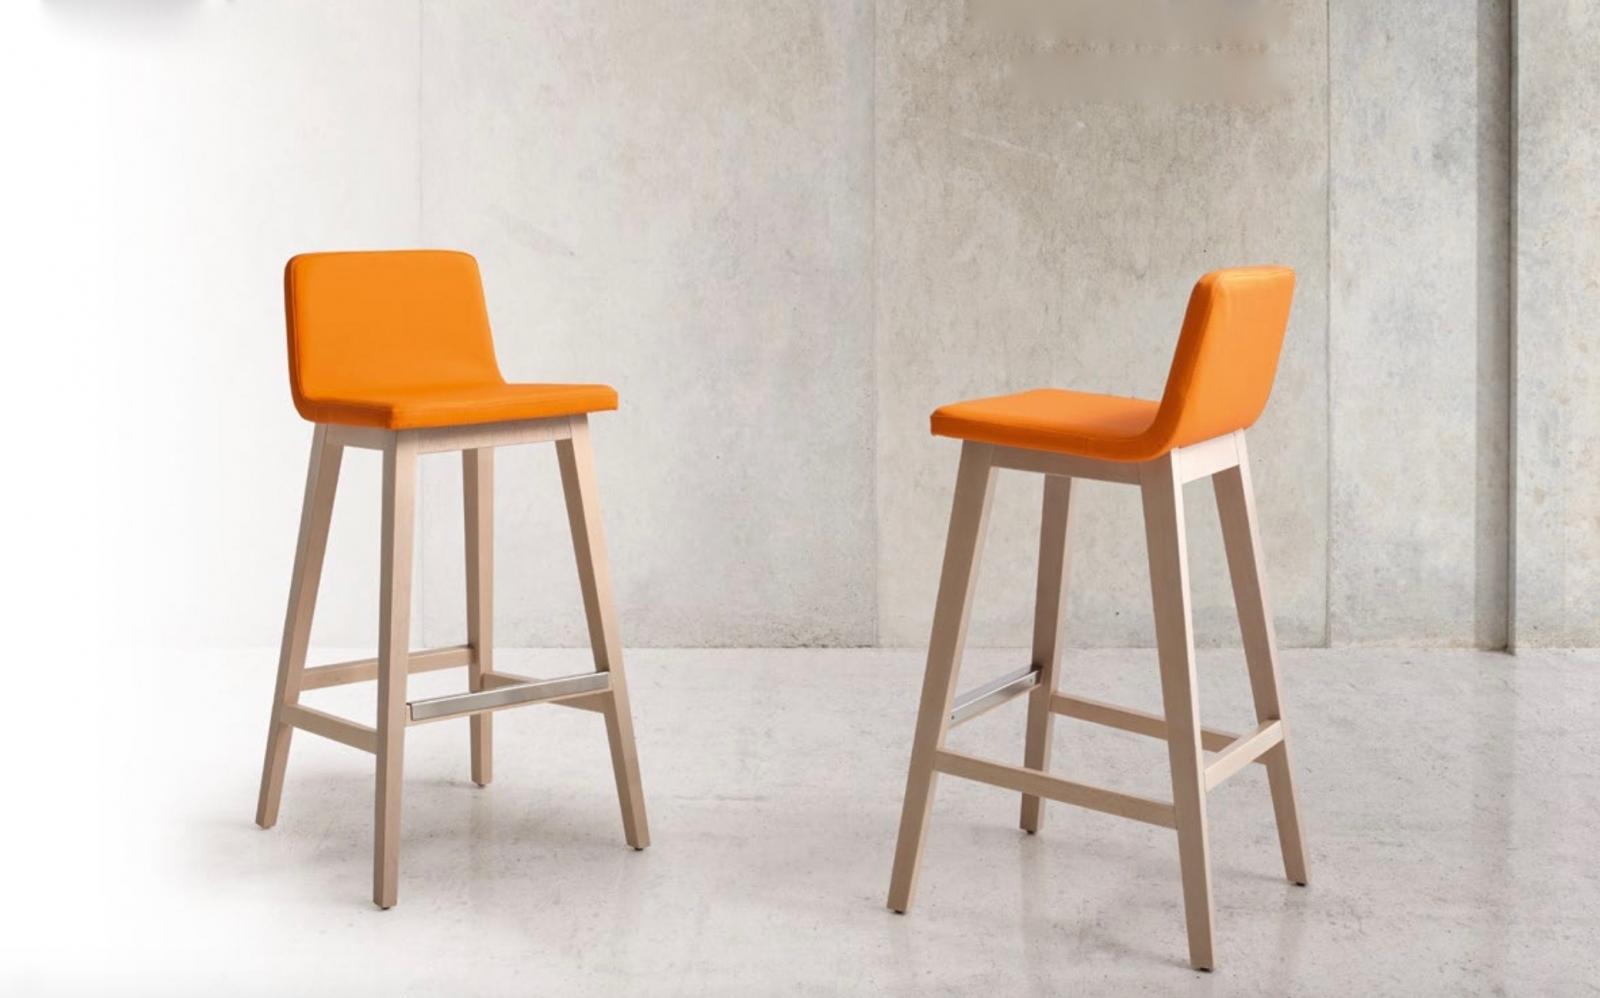 Taburete alto con respaldo y sillas altas de cocina